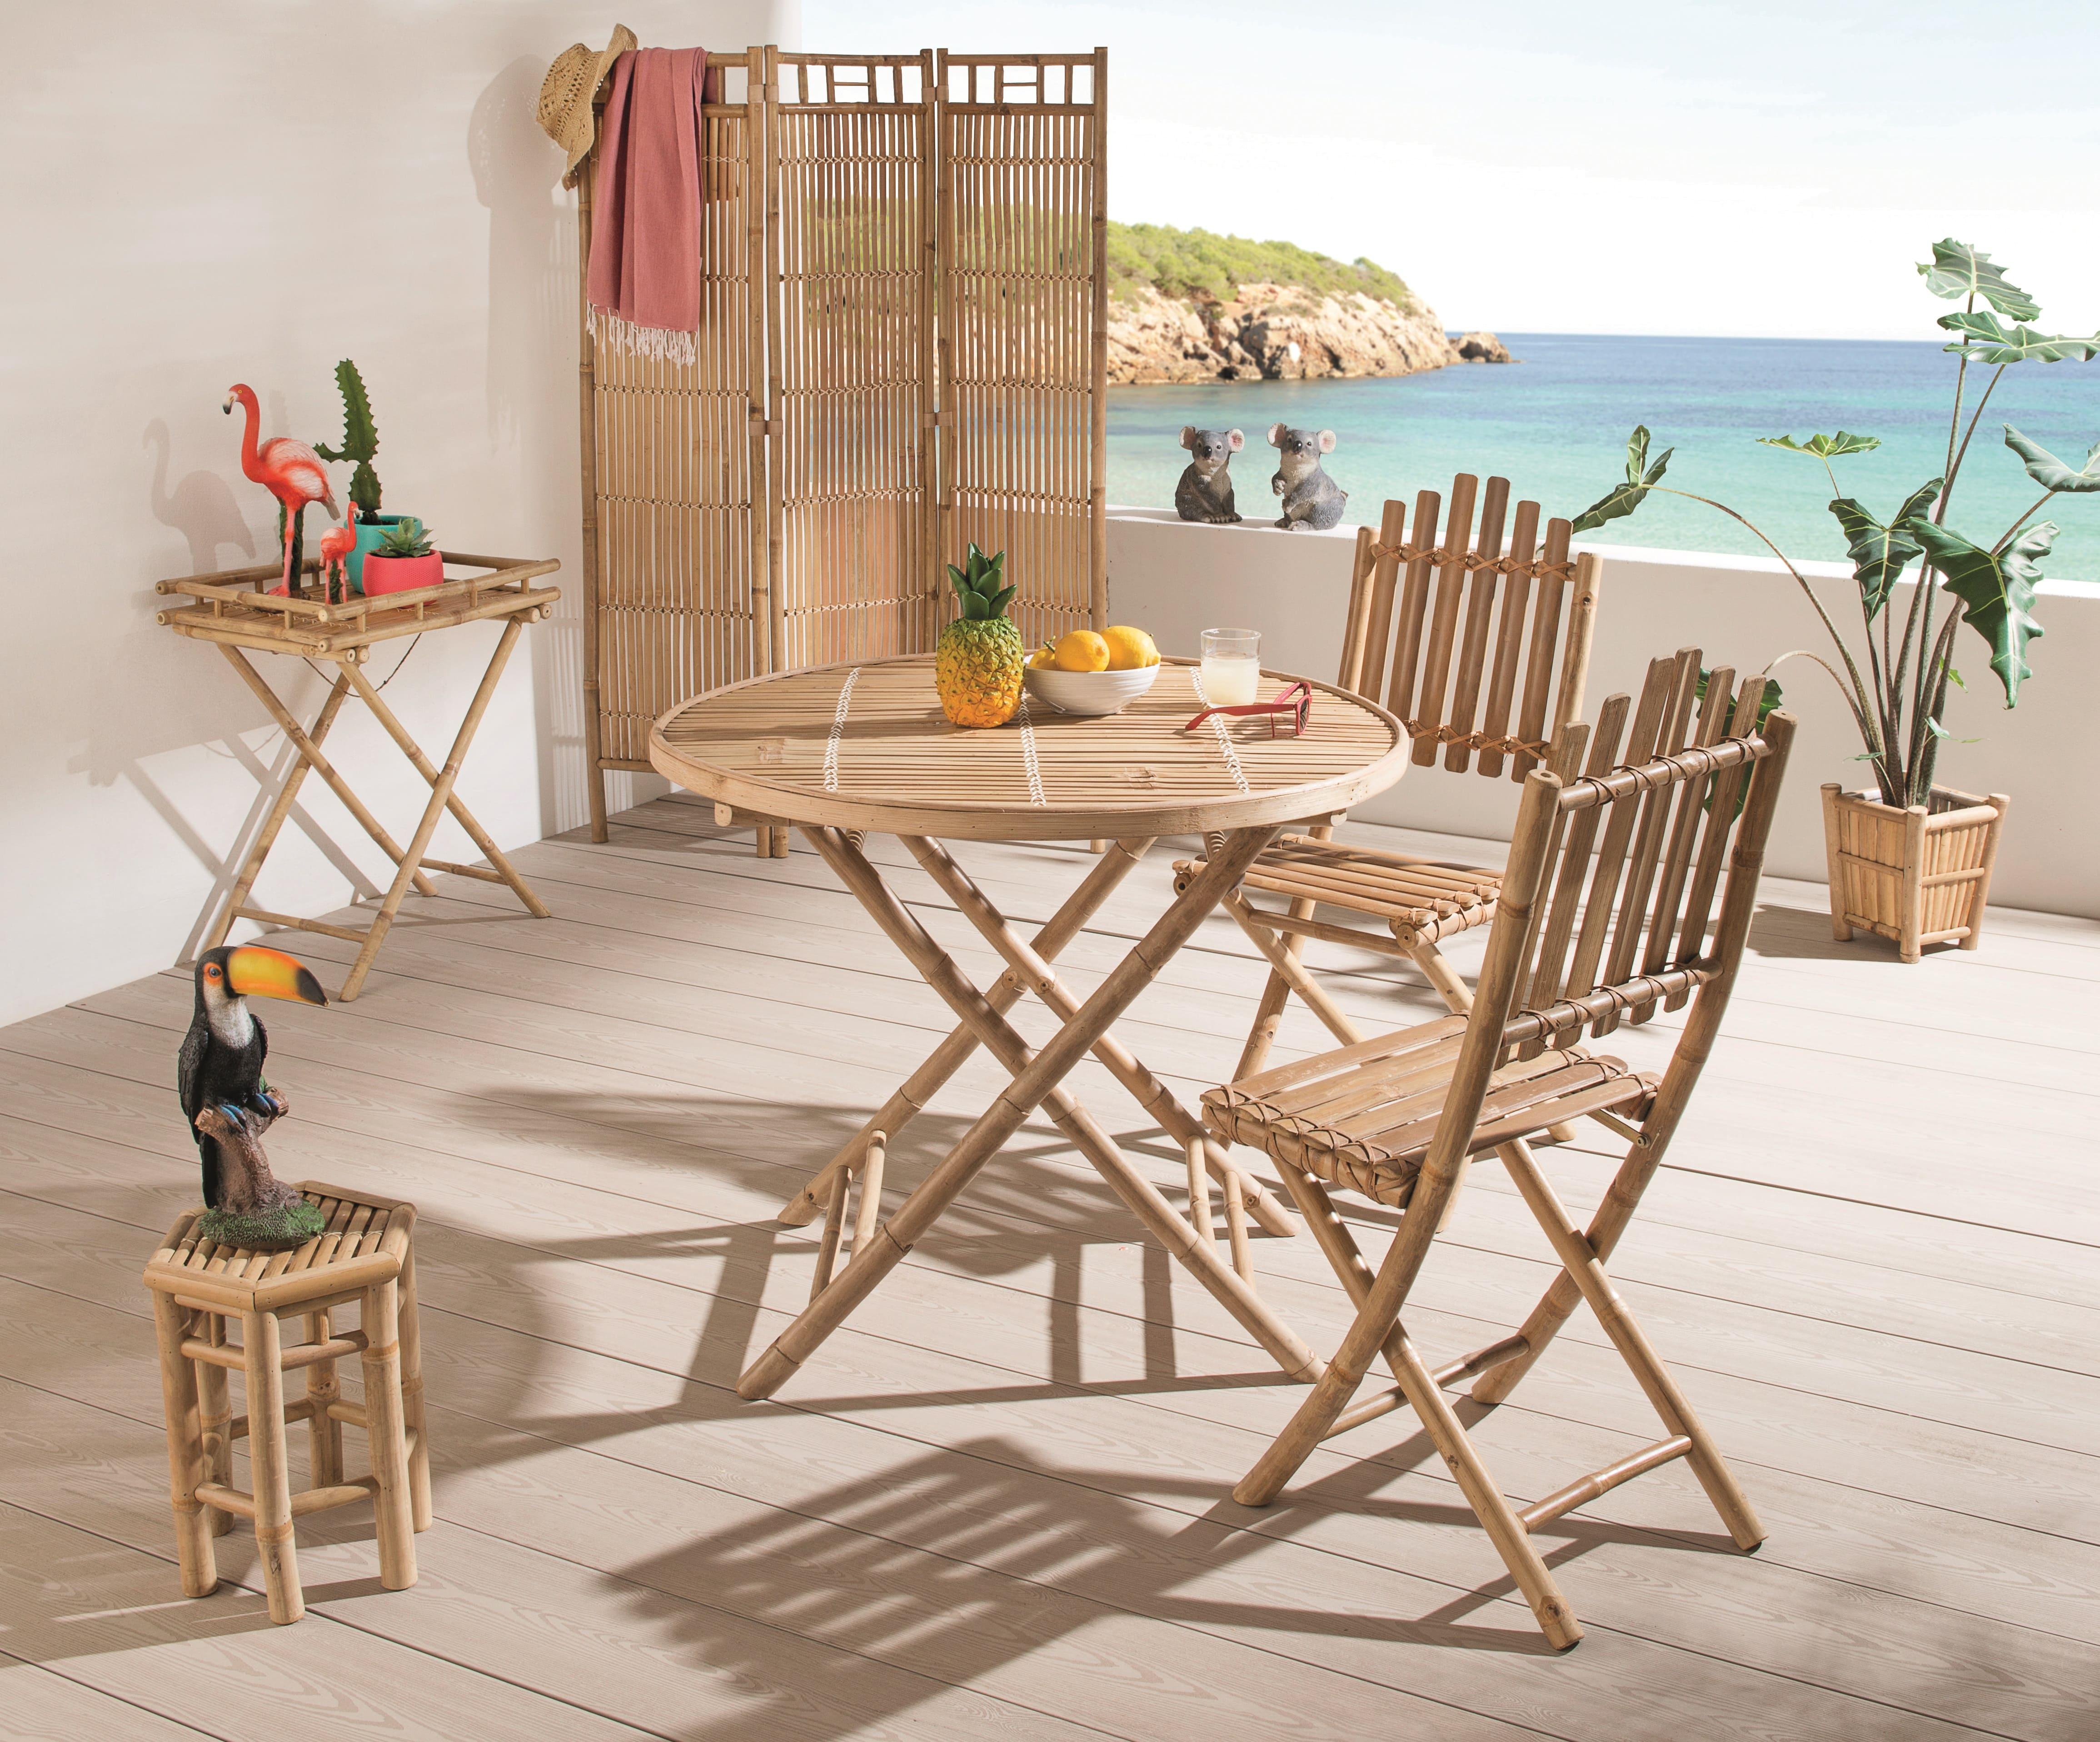 Mon jardin tropical - Style - Blog La Foir'Fouille